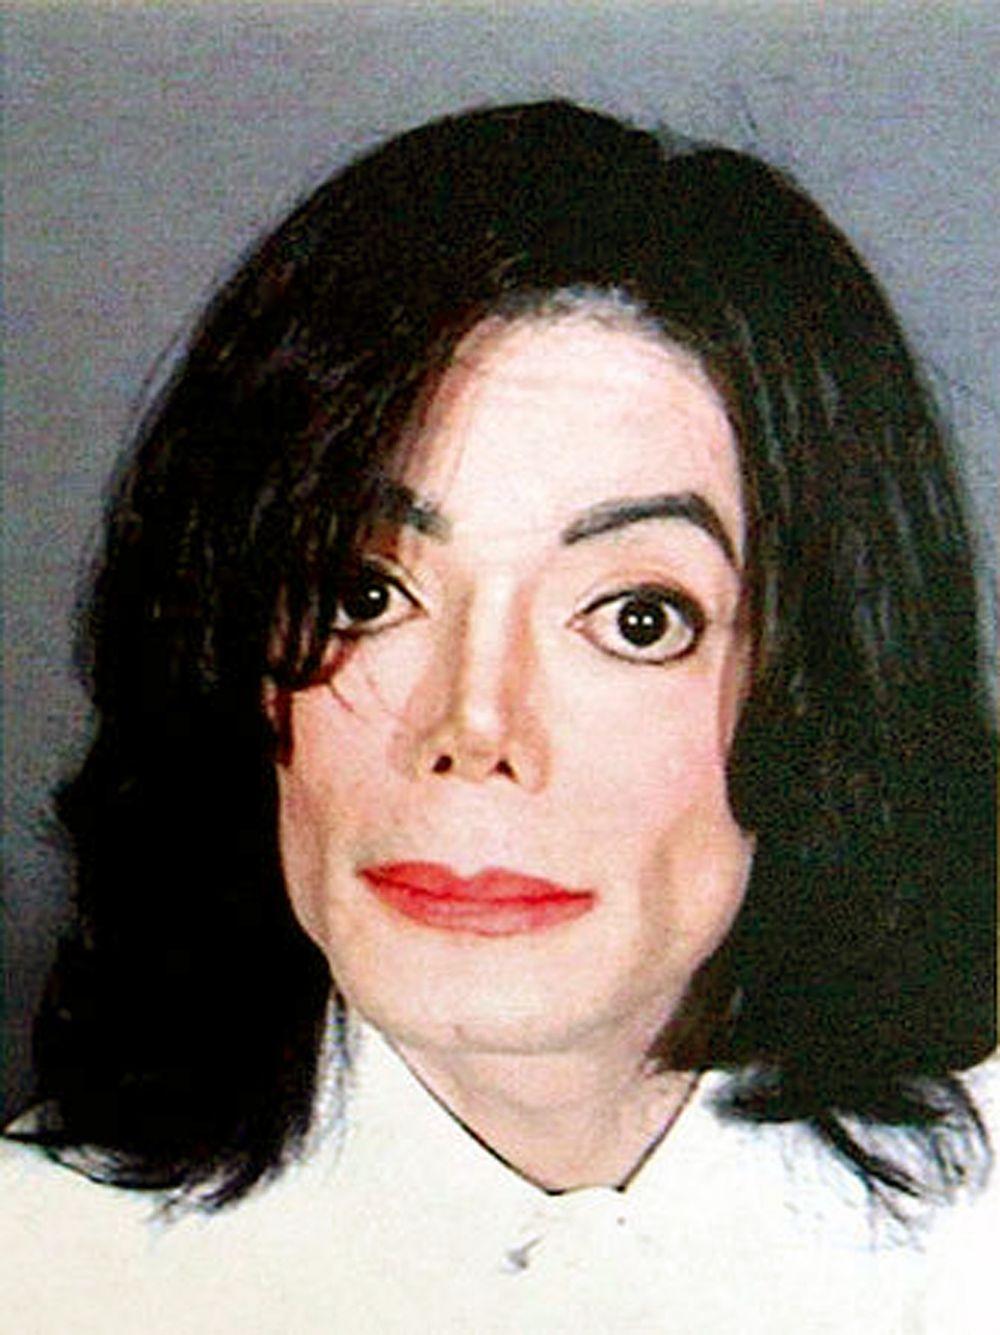 Gwiazdy w kartotekach policyjnych - Michael Jackson